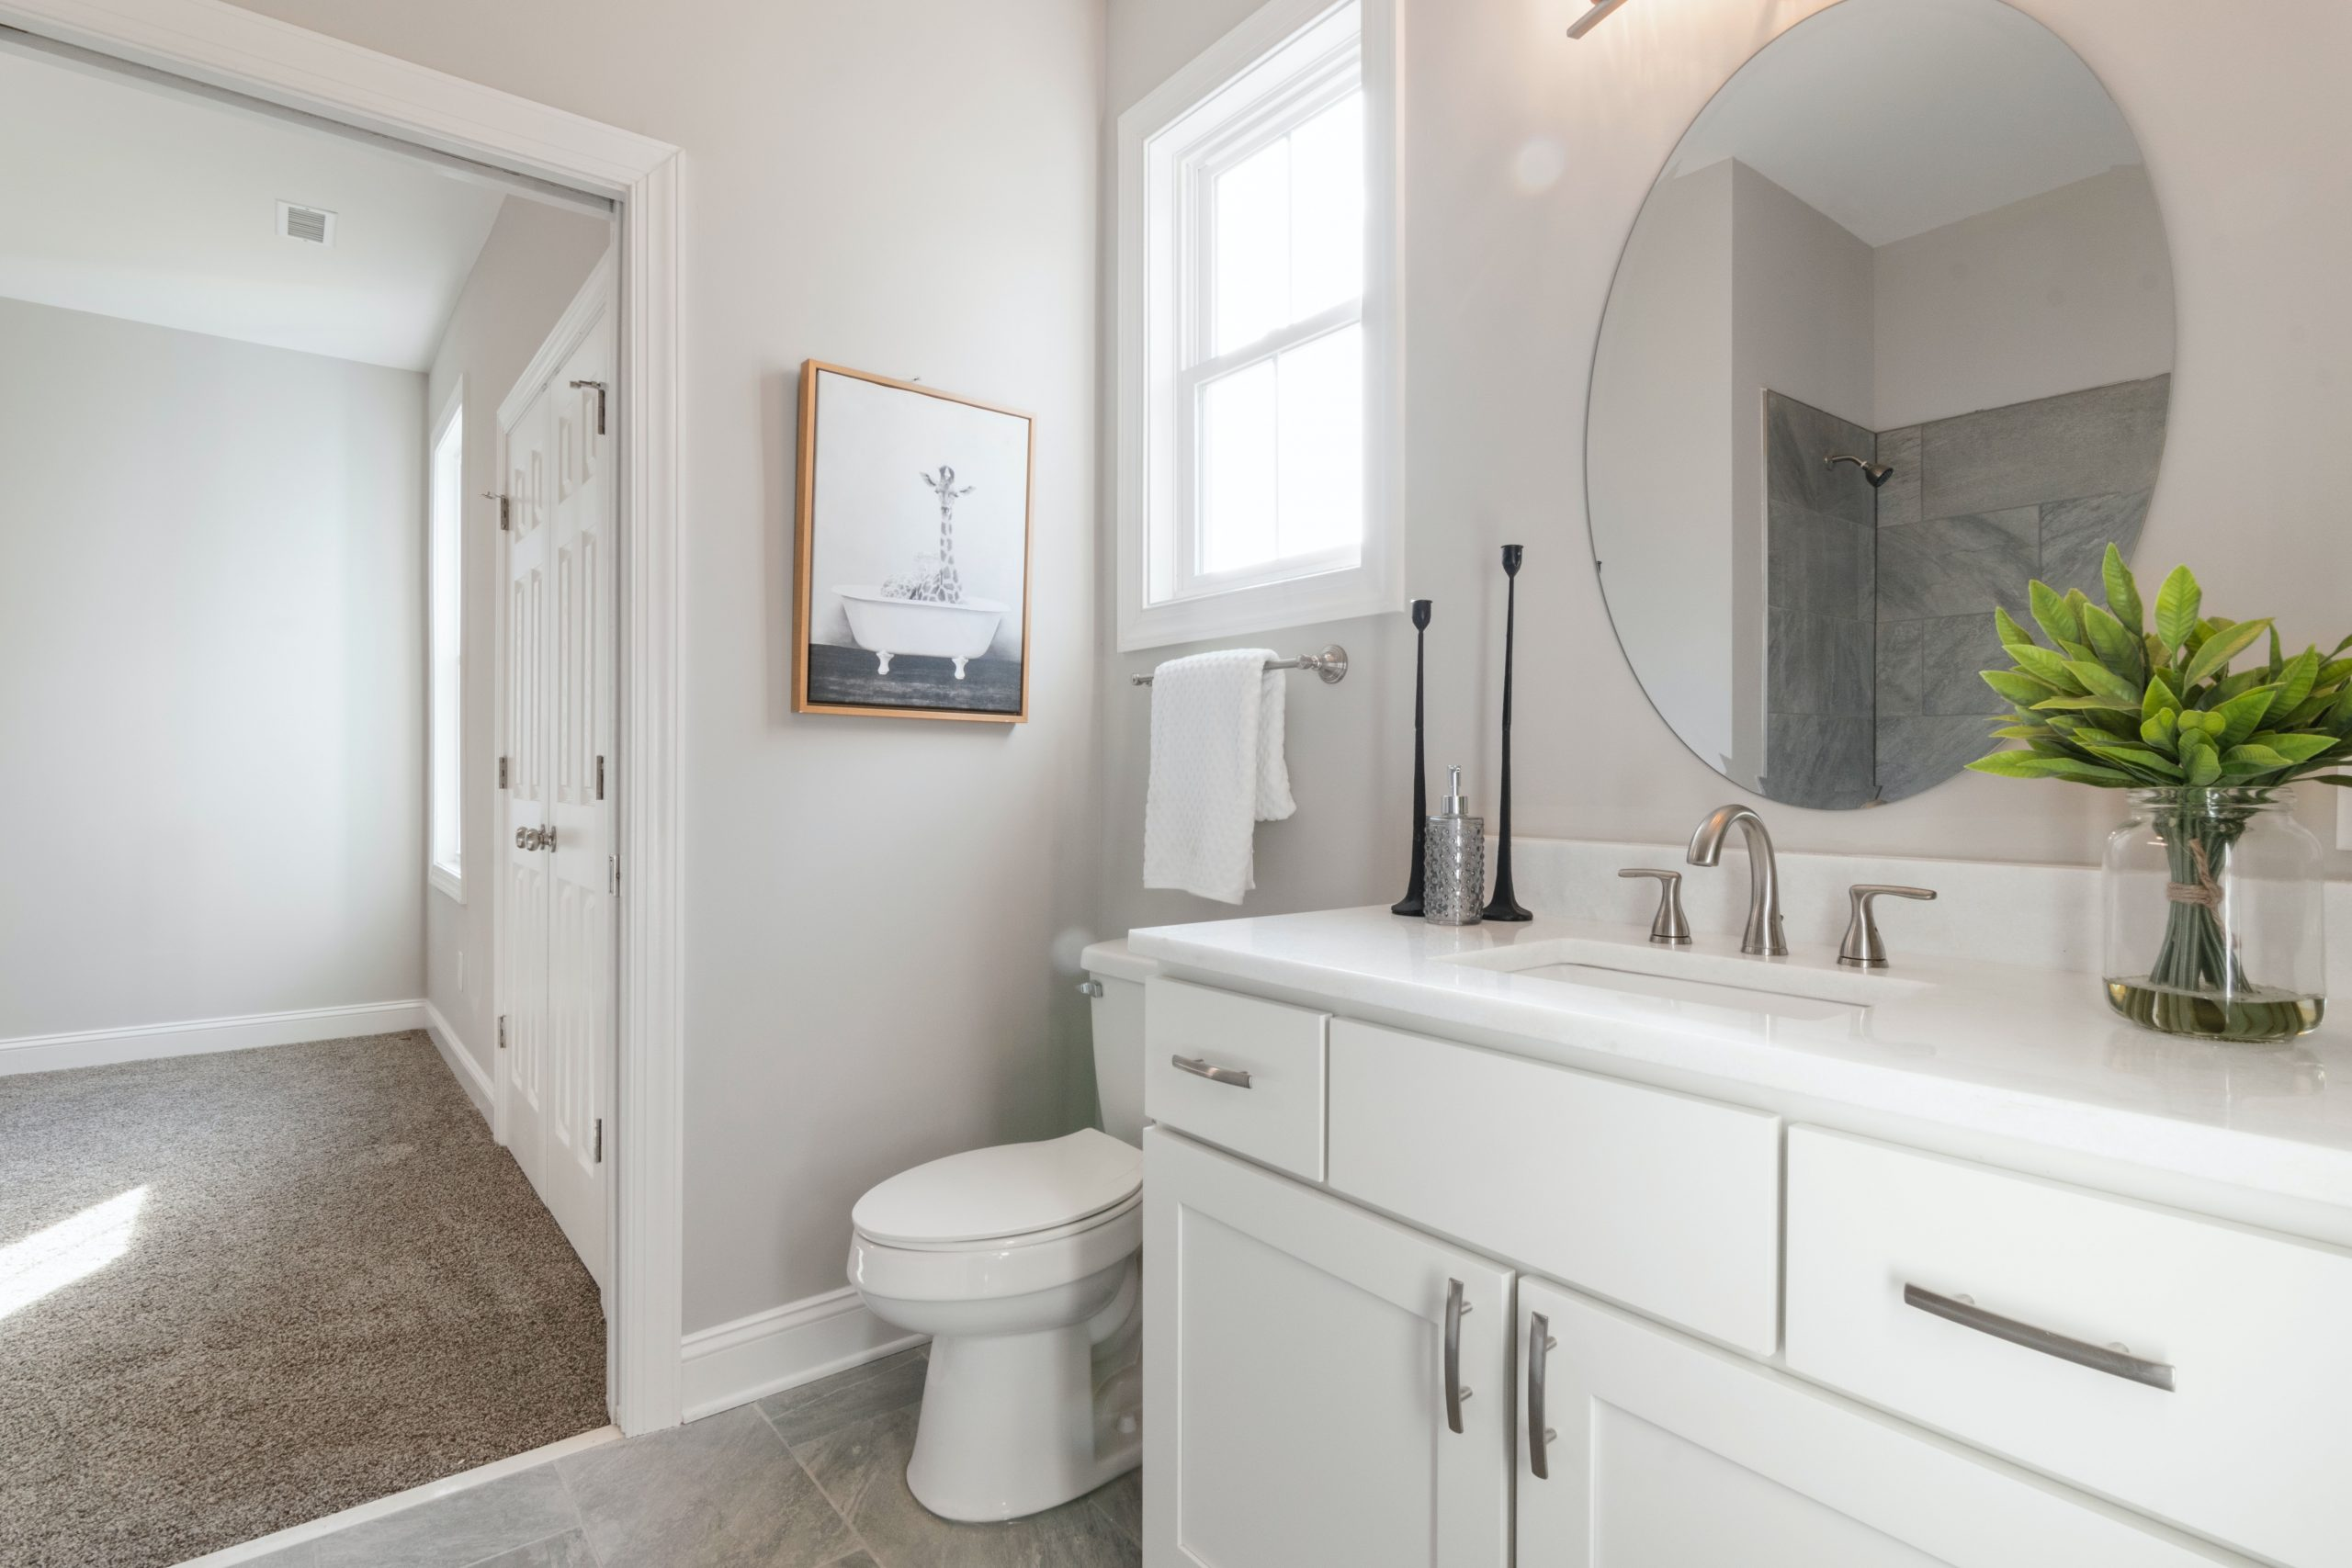 Bathroom traditional décor style